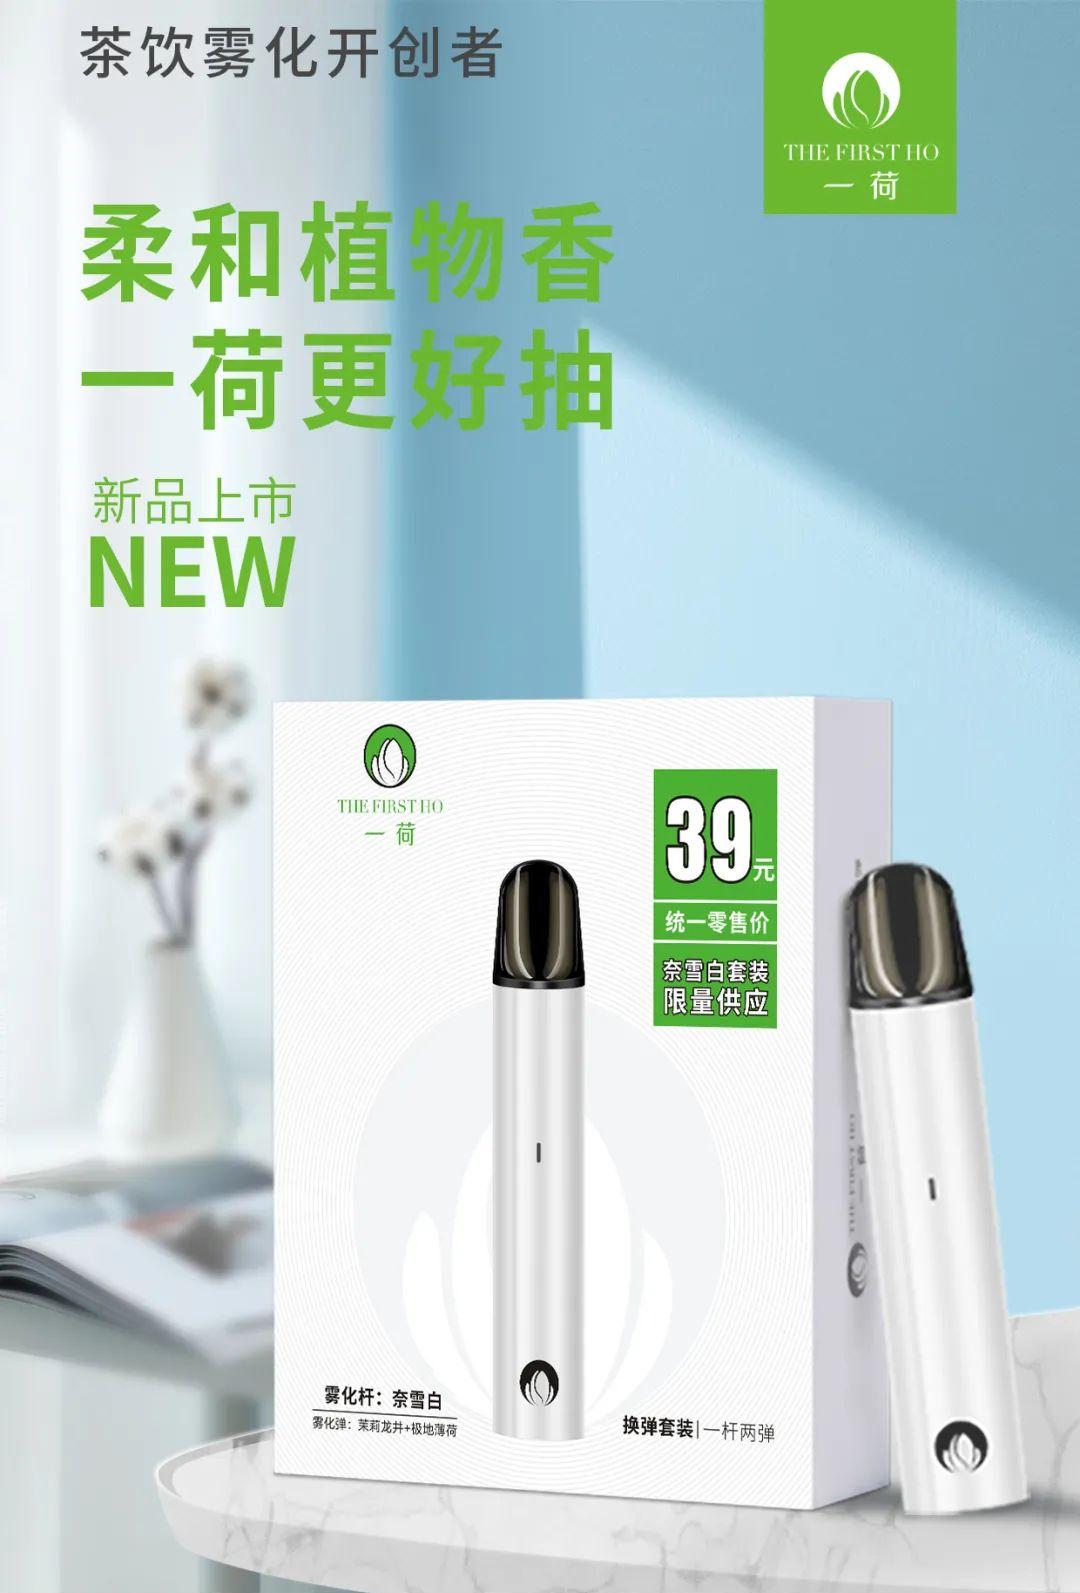 一荷电子烟奈雪白在IECIE上海蒸汽文化周表现如何?